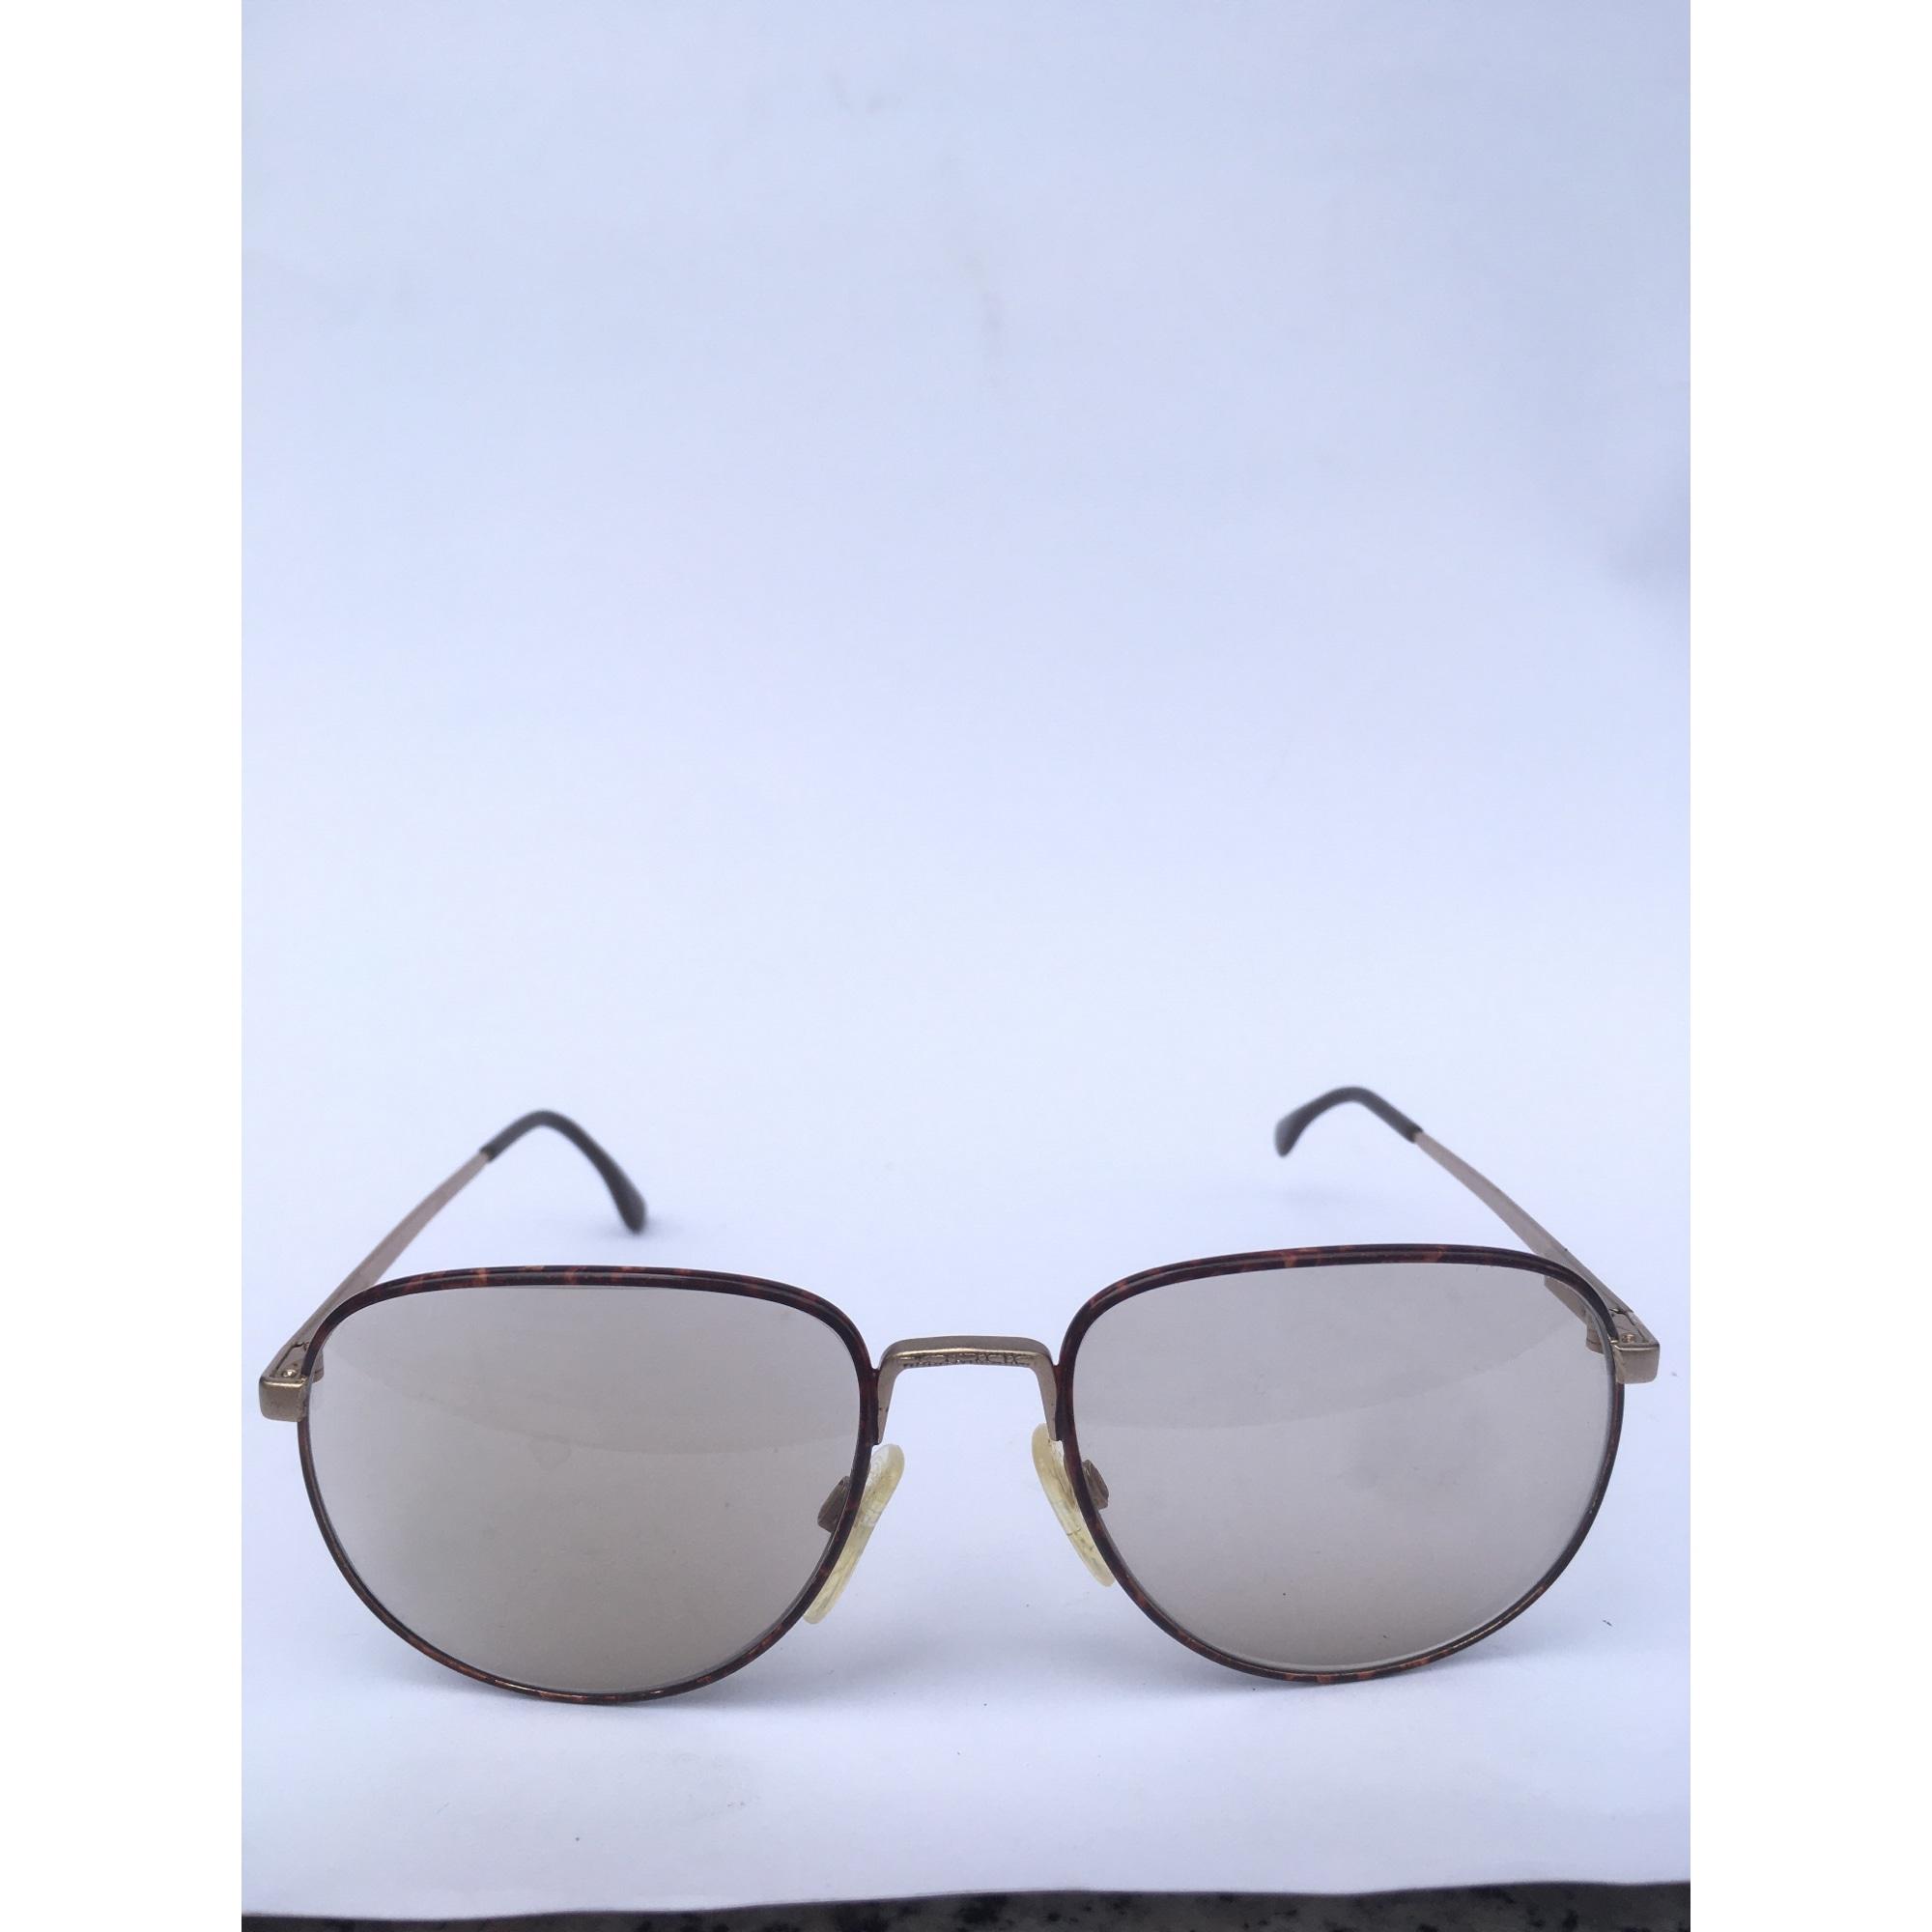 Eyeglass Frames VINTAGE Golden, bronze, copper